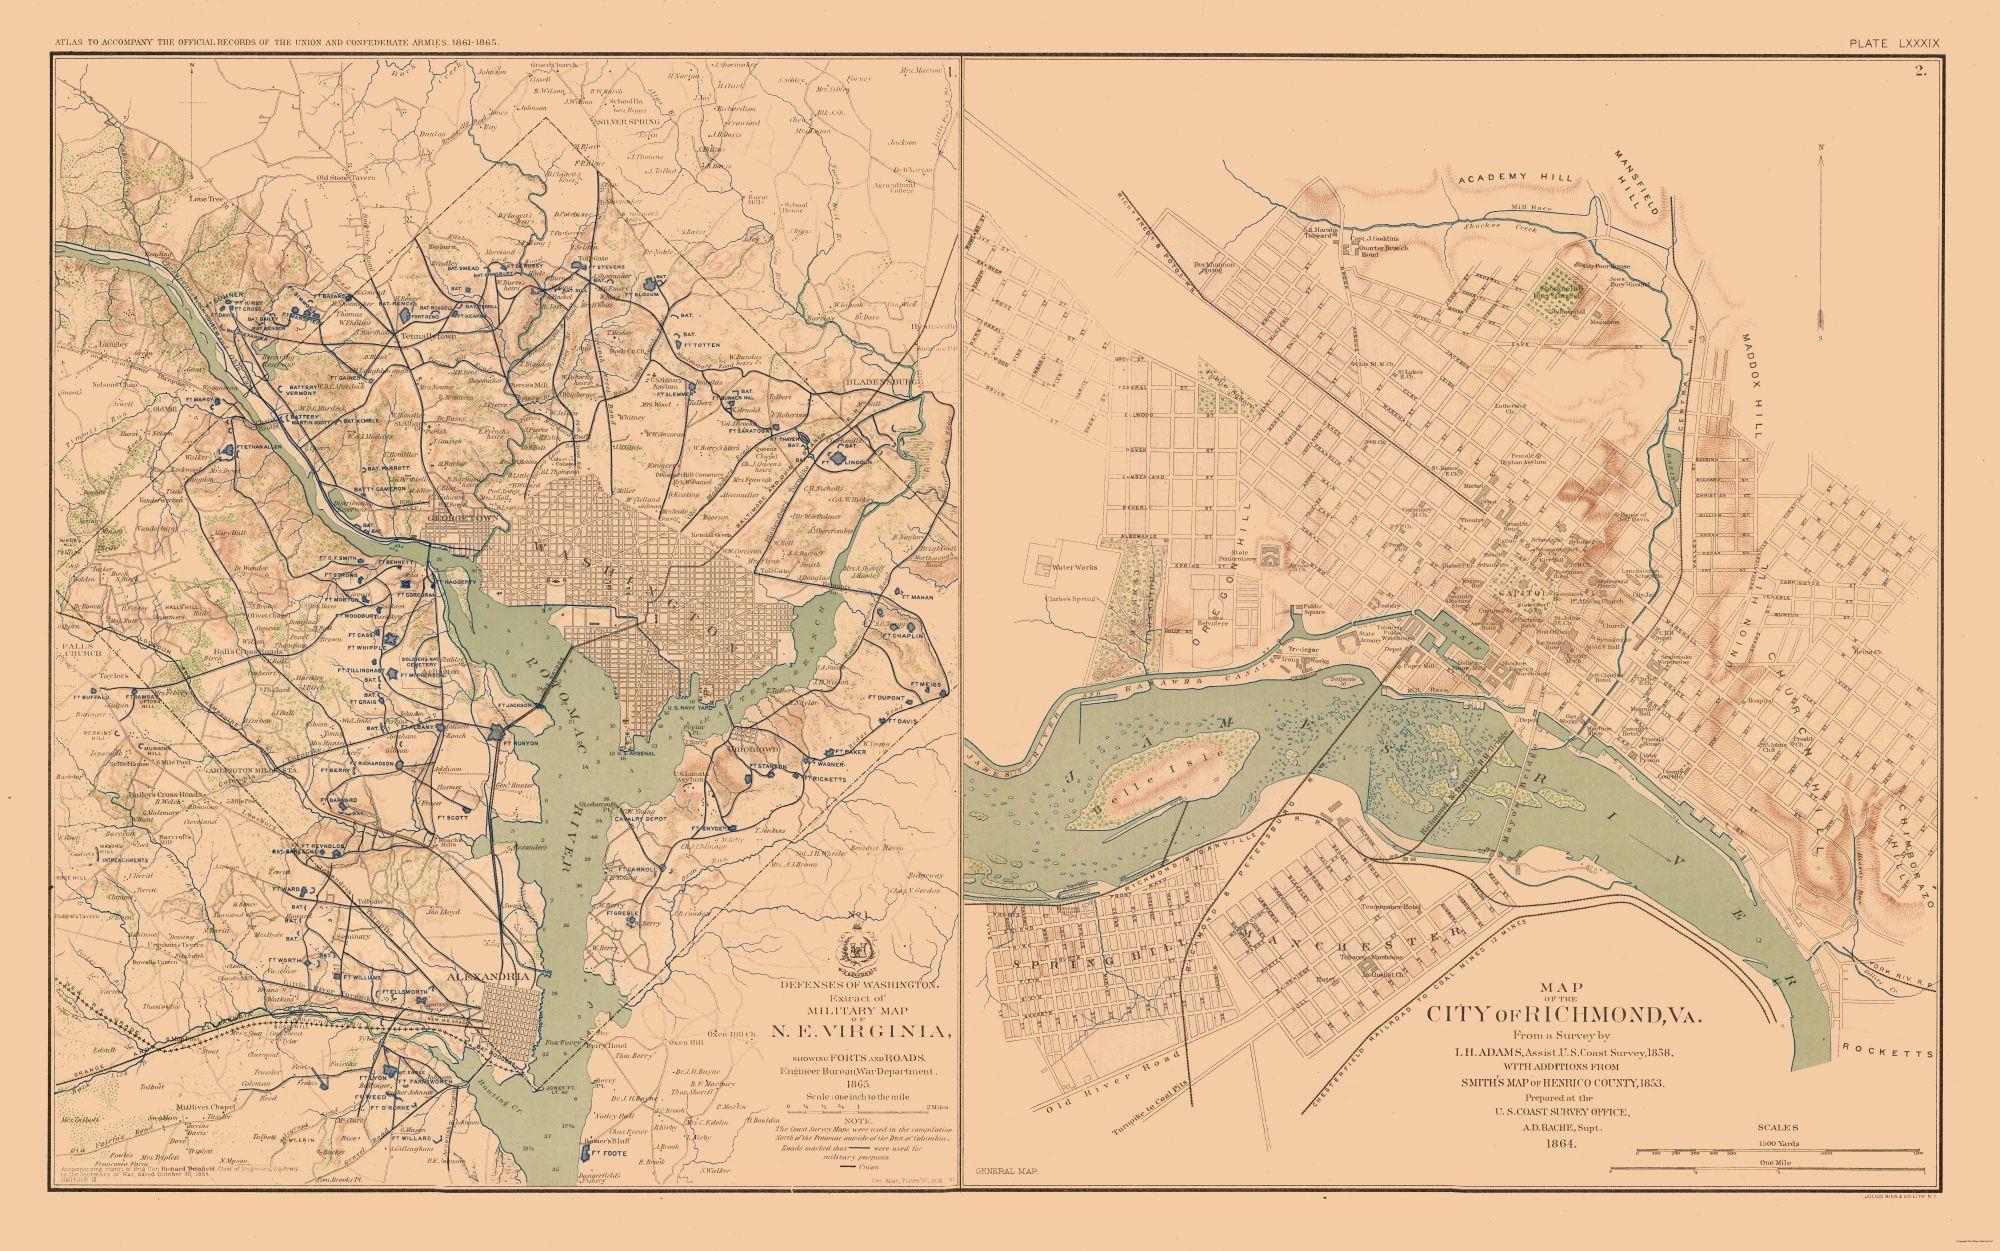 Civil War Maps Washington Defenses Richmond Virginia